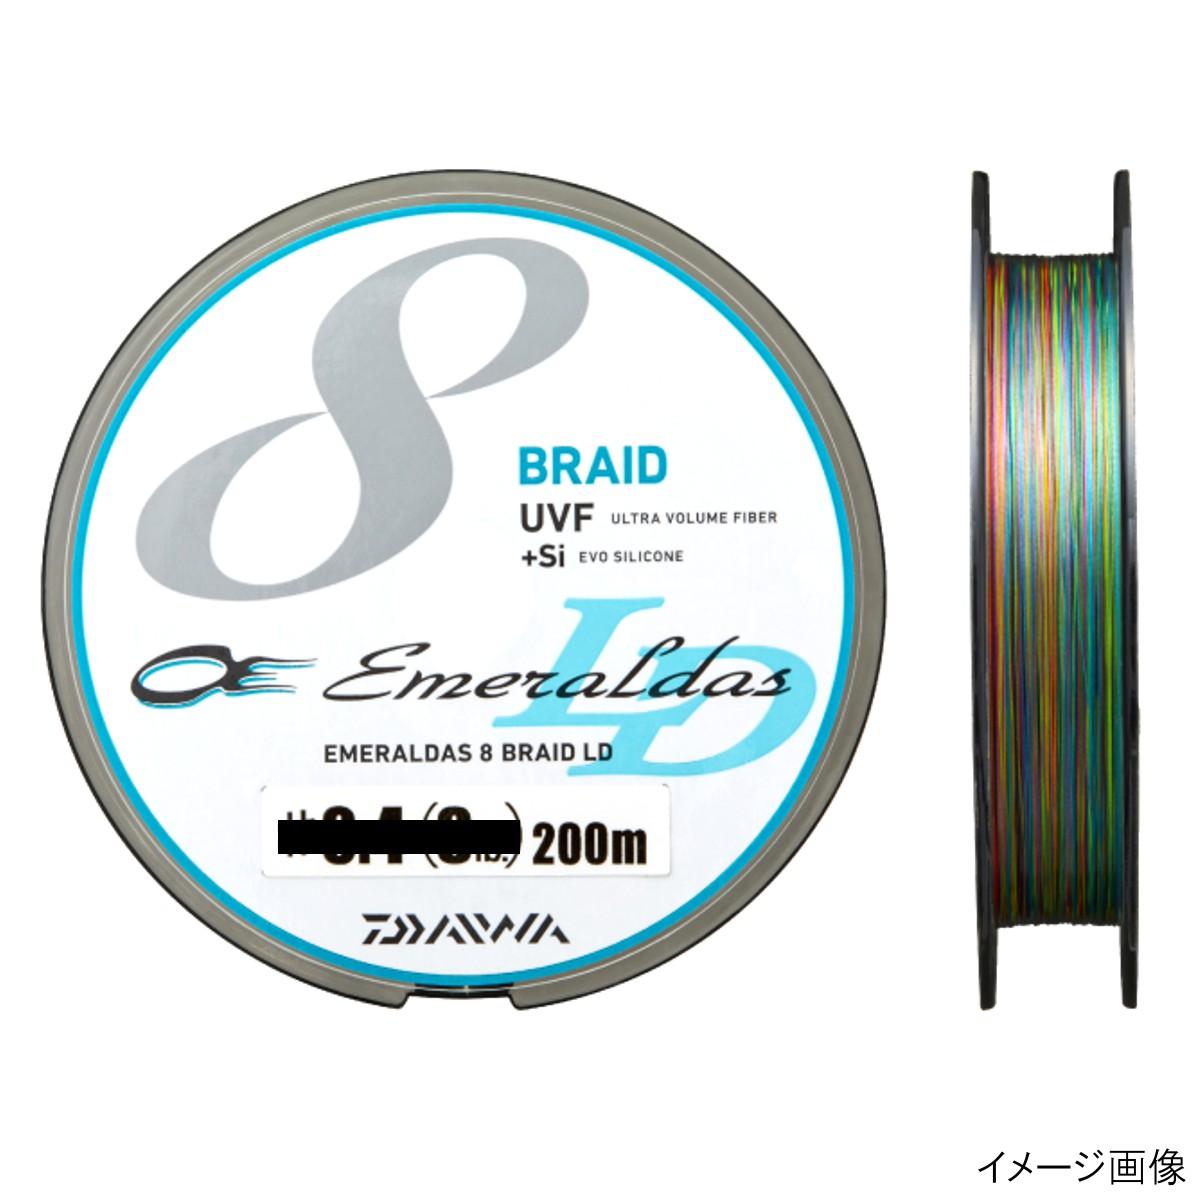 ダイワ UVF エメラルダスセンサー 8ブレイドLD+Si 200m 0.6号 ブルー/ピンク/グリーン/パープル/オレンジ